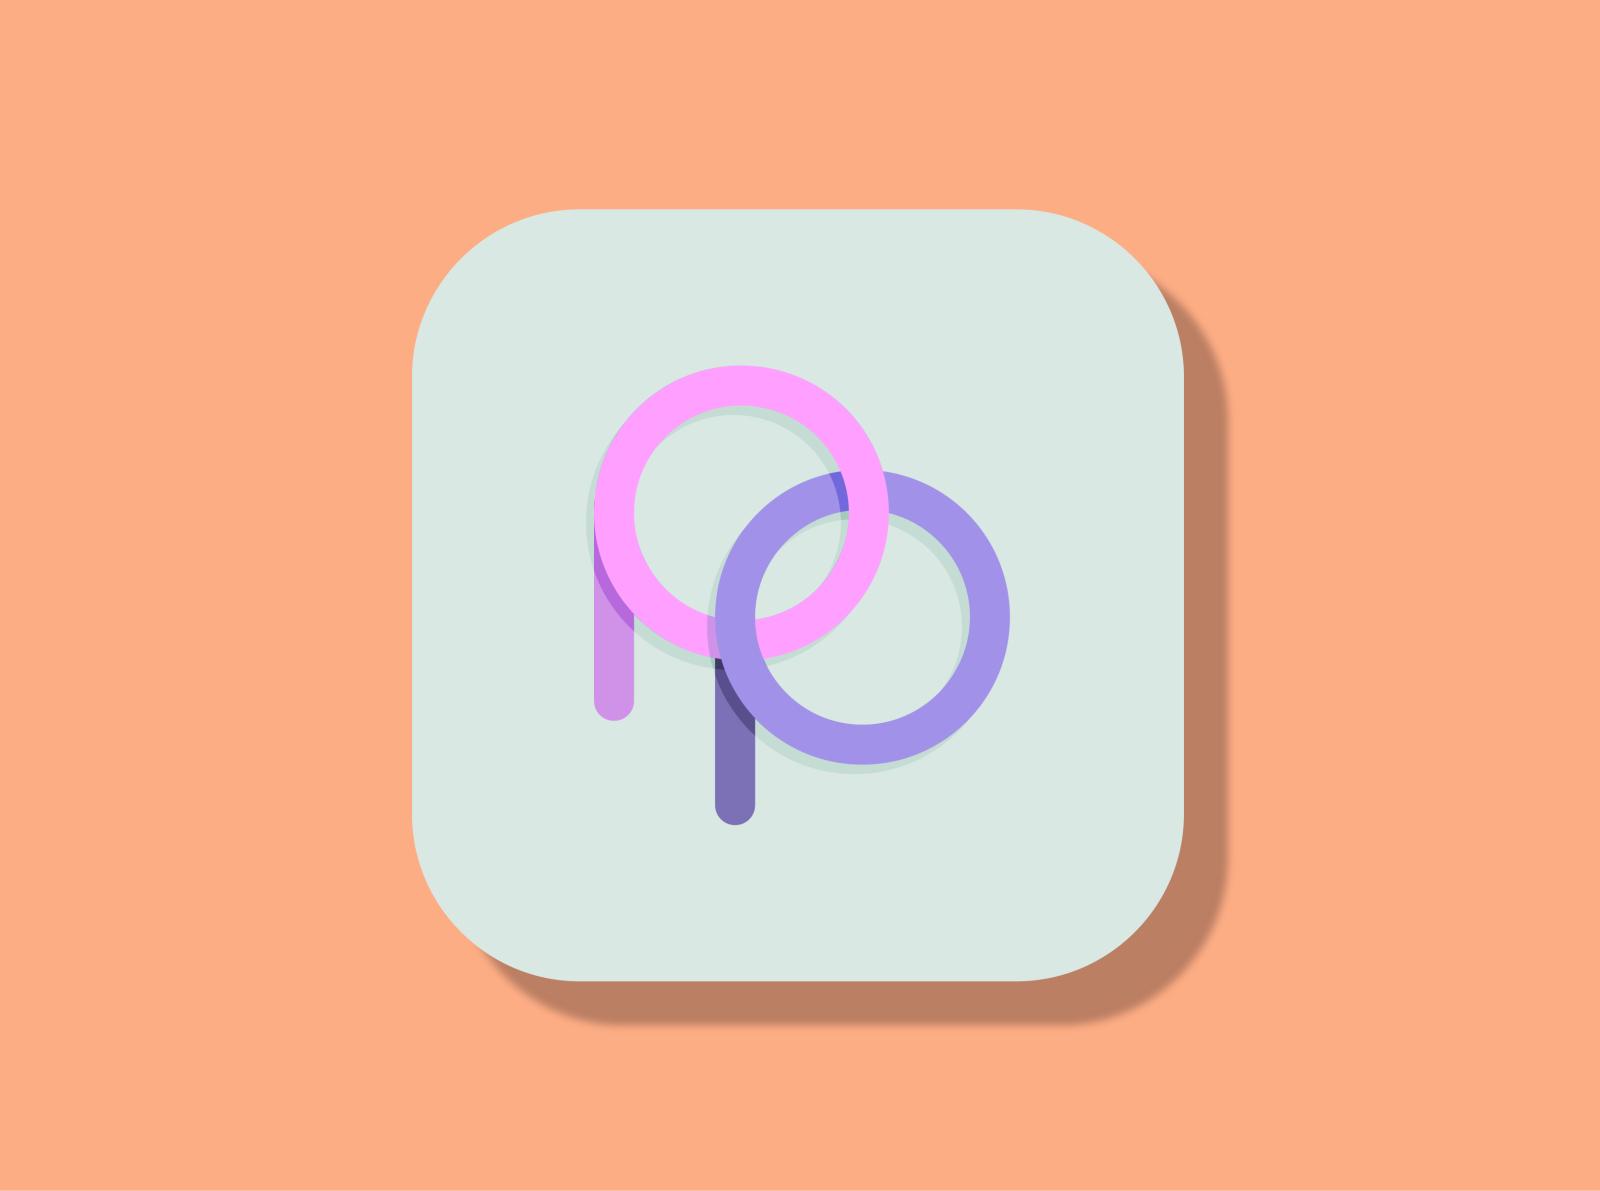 Design challenge - App icon